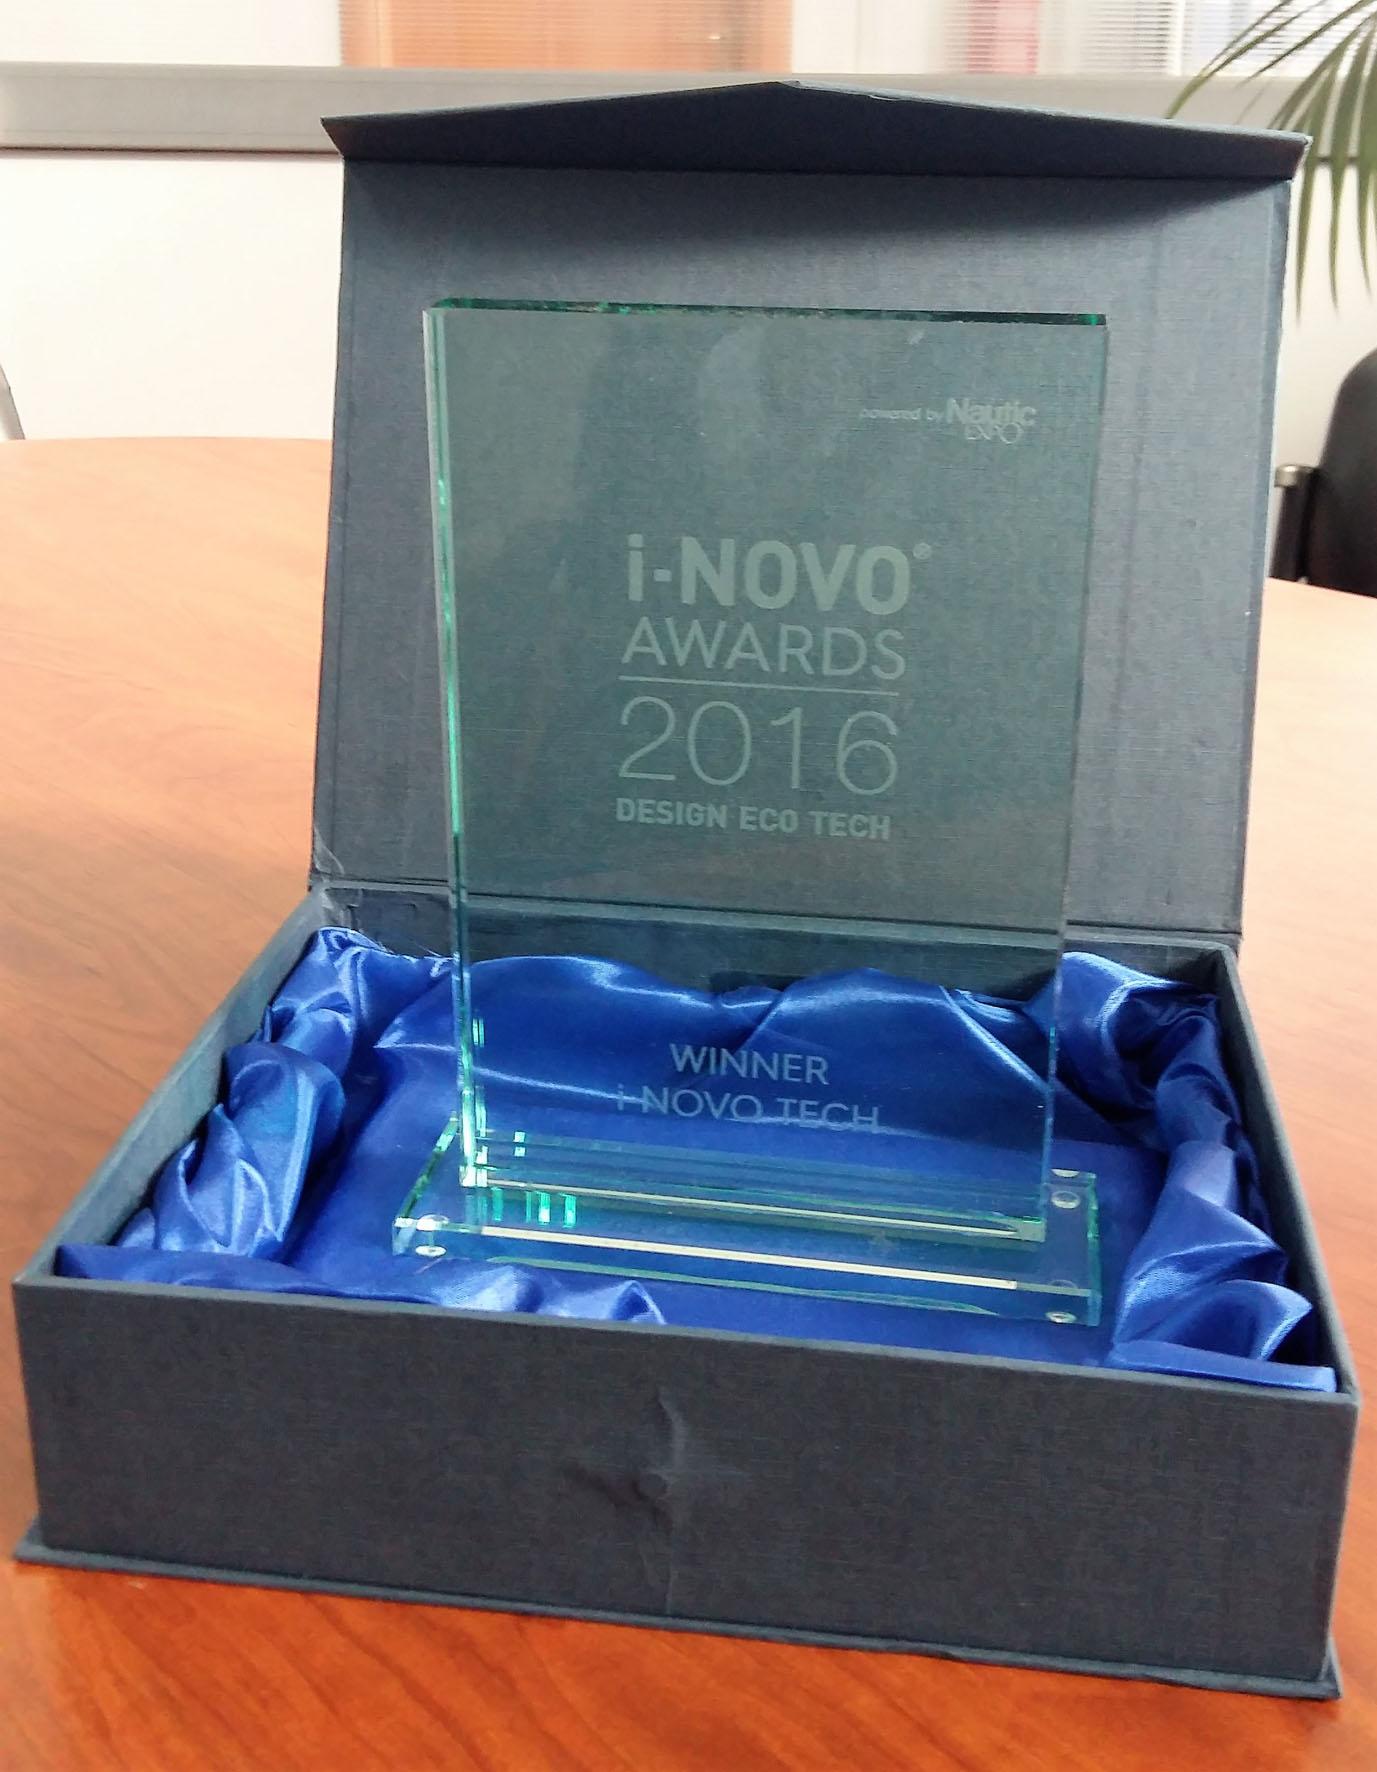 Al dissalatore schenker modular 300 il premio i novo tech awards 2016 sviluppo nautico by - Dissalatore prezzo ...